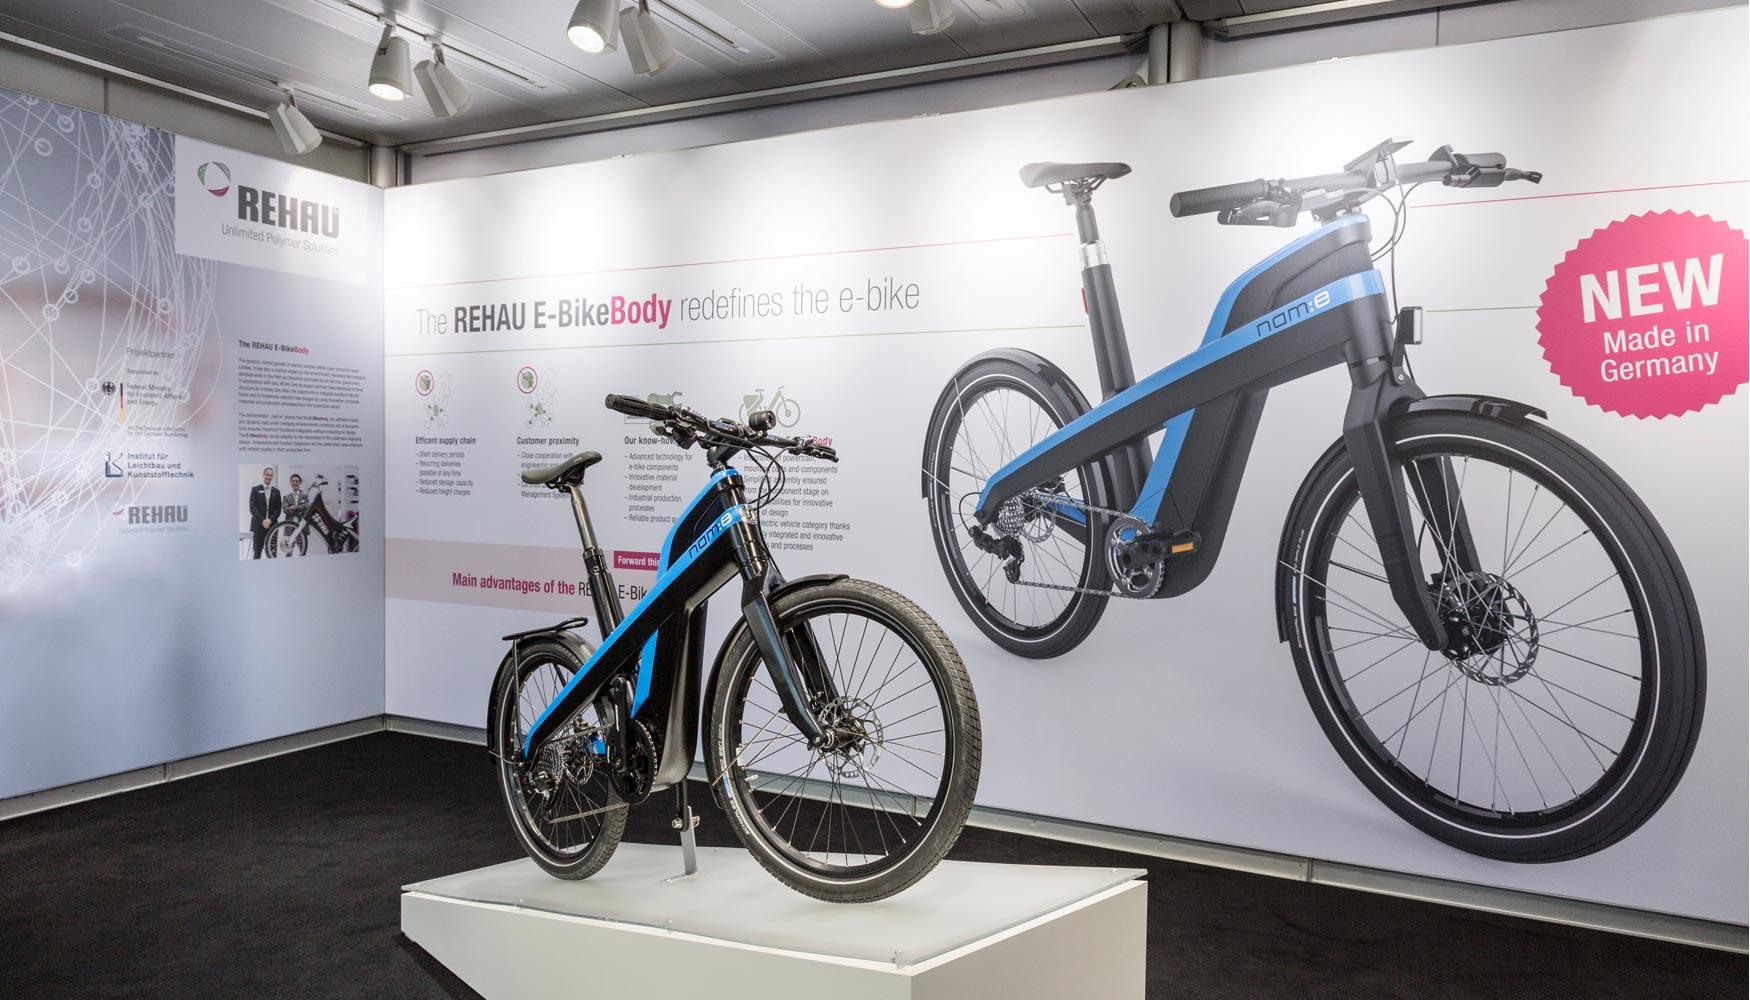 El primer cuadro de bicicleta eléctrica reciclable 100% -